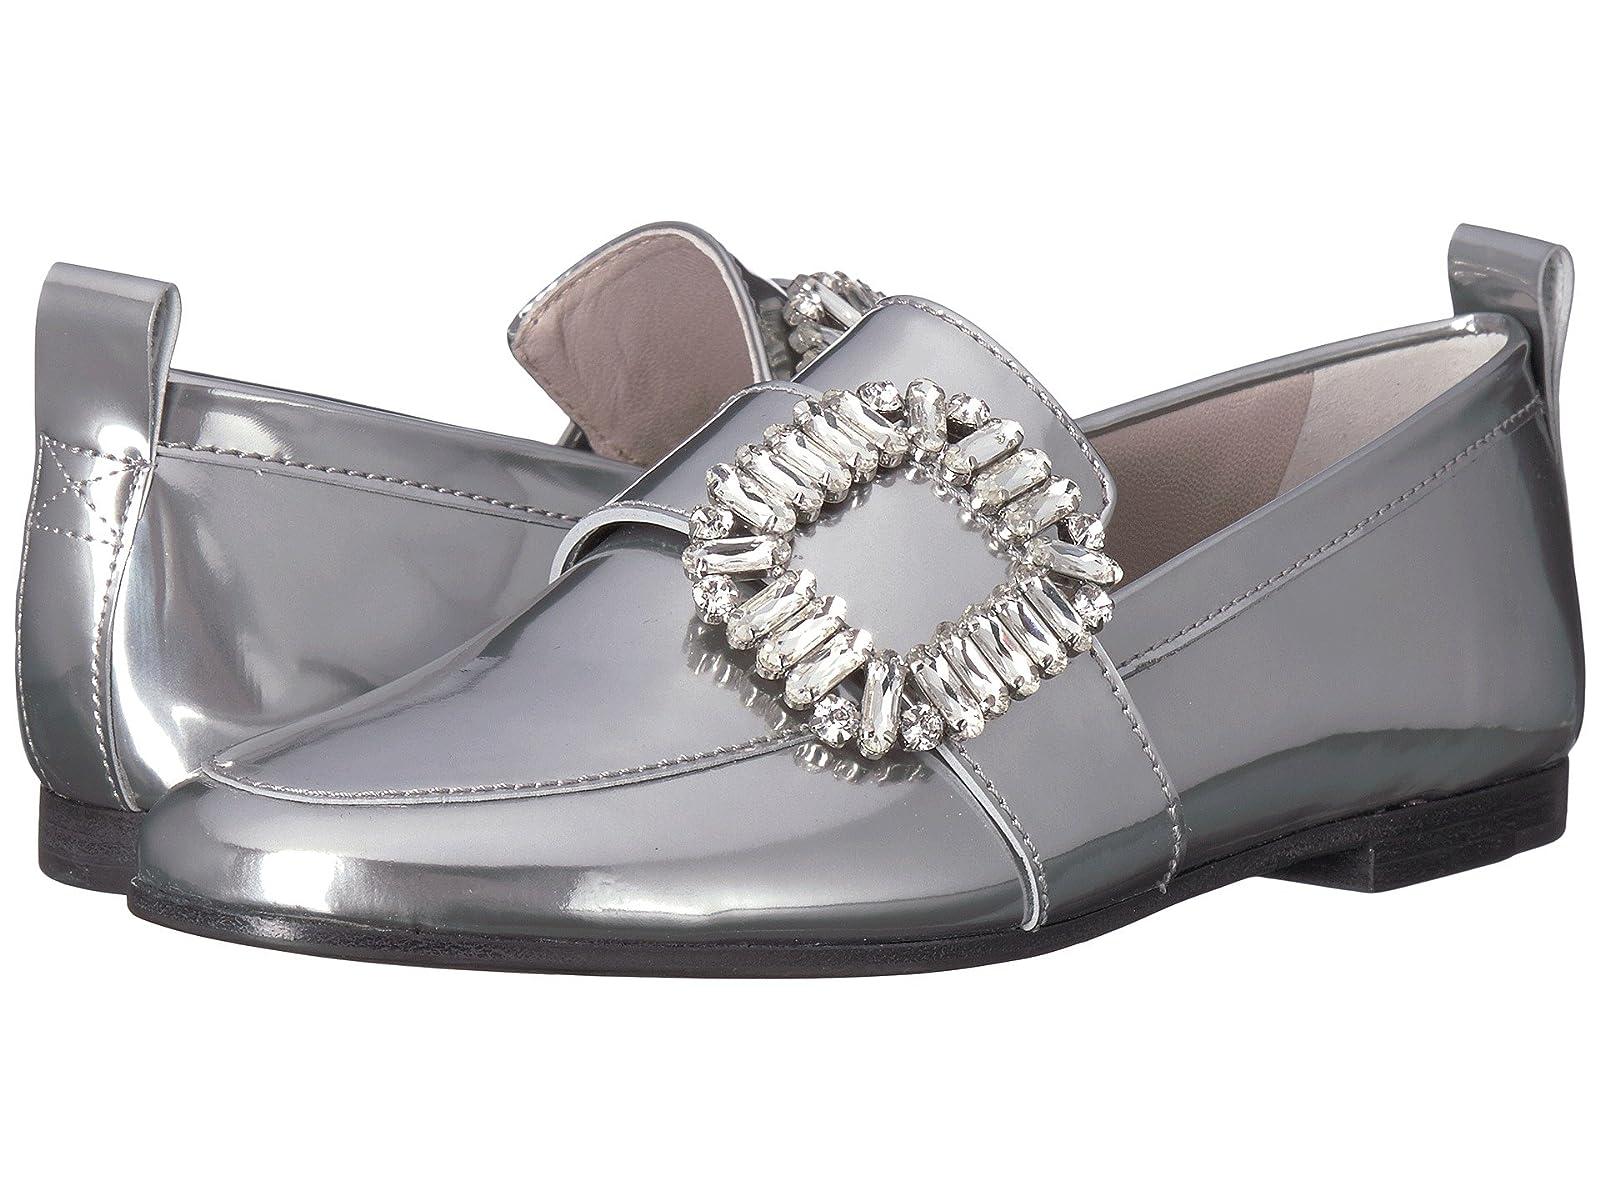 Kennel & Schmenger Tara LoaferAtmospheric grades have affordable shoes